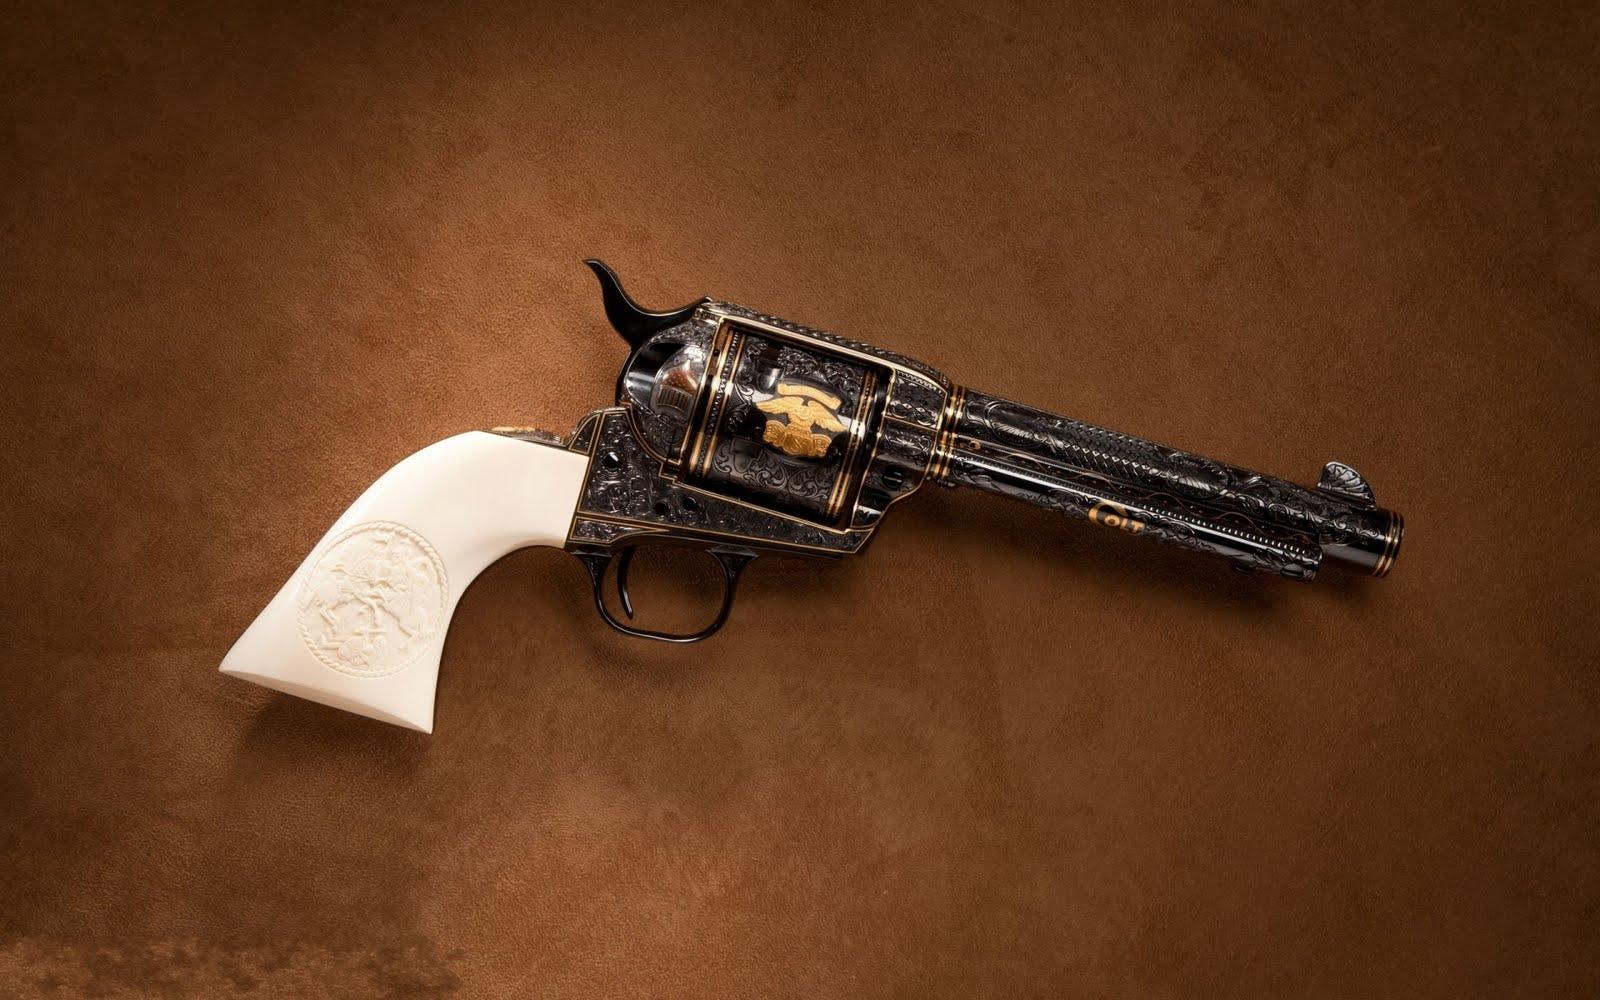 IMGENES Coleccin de armas   Colt revlver 32   Gun wallpaper 1600x1000